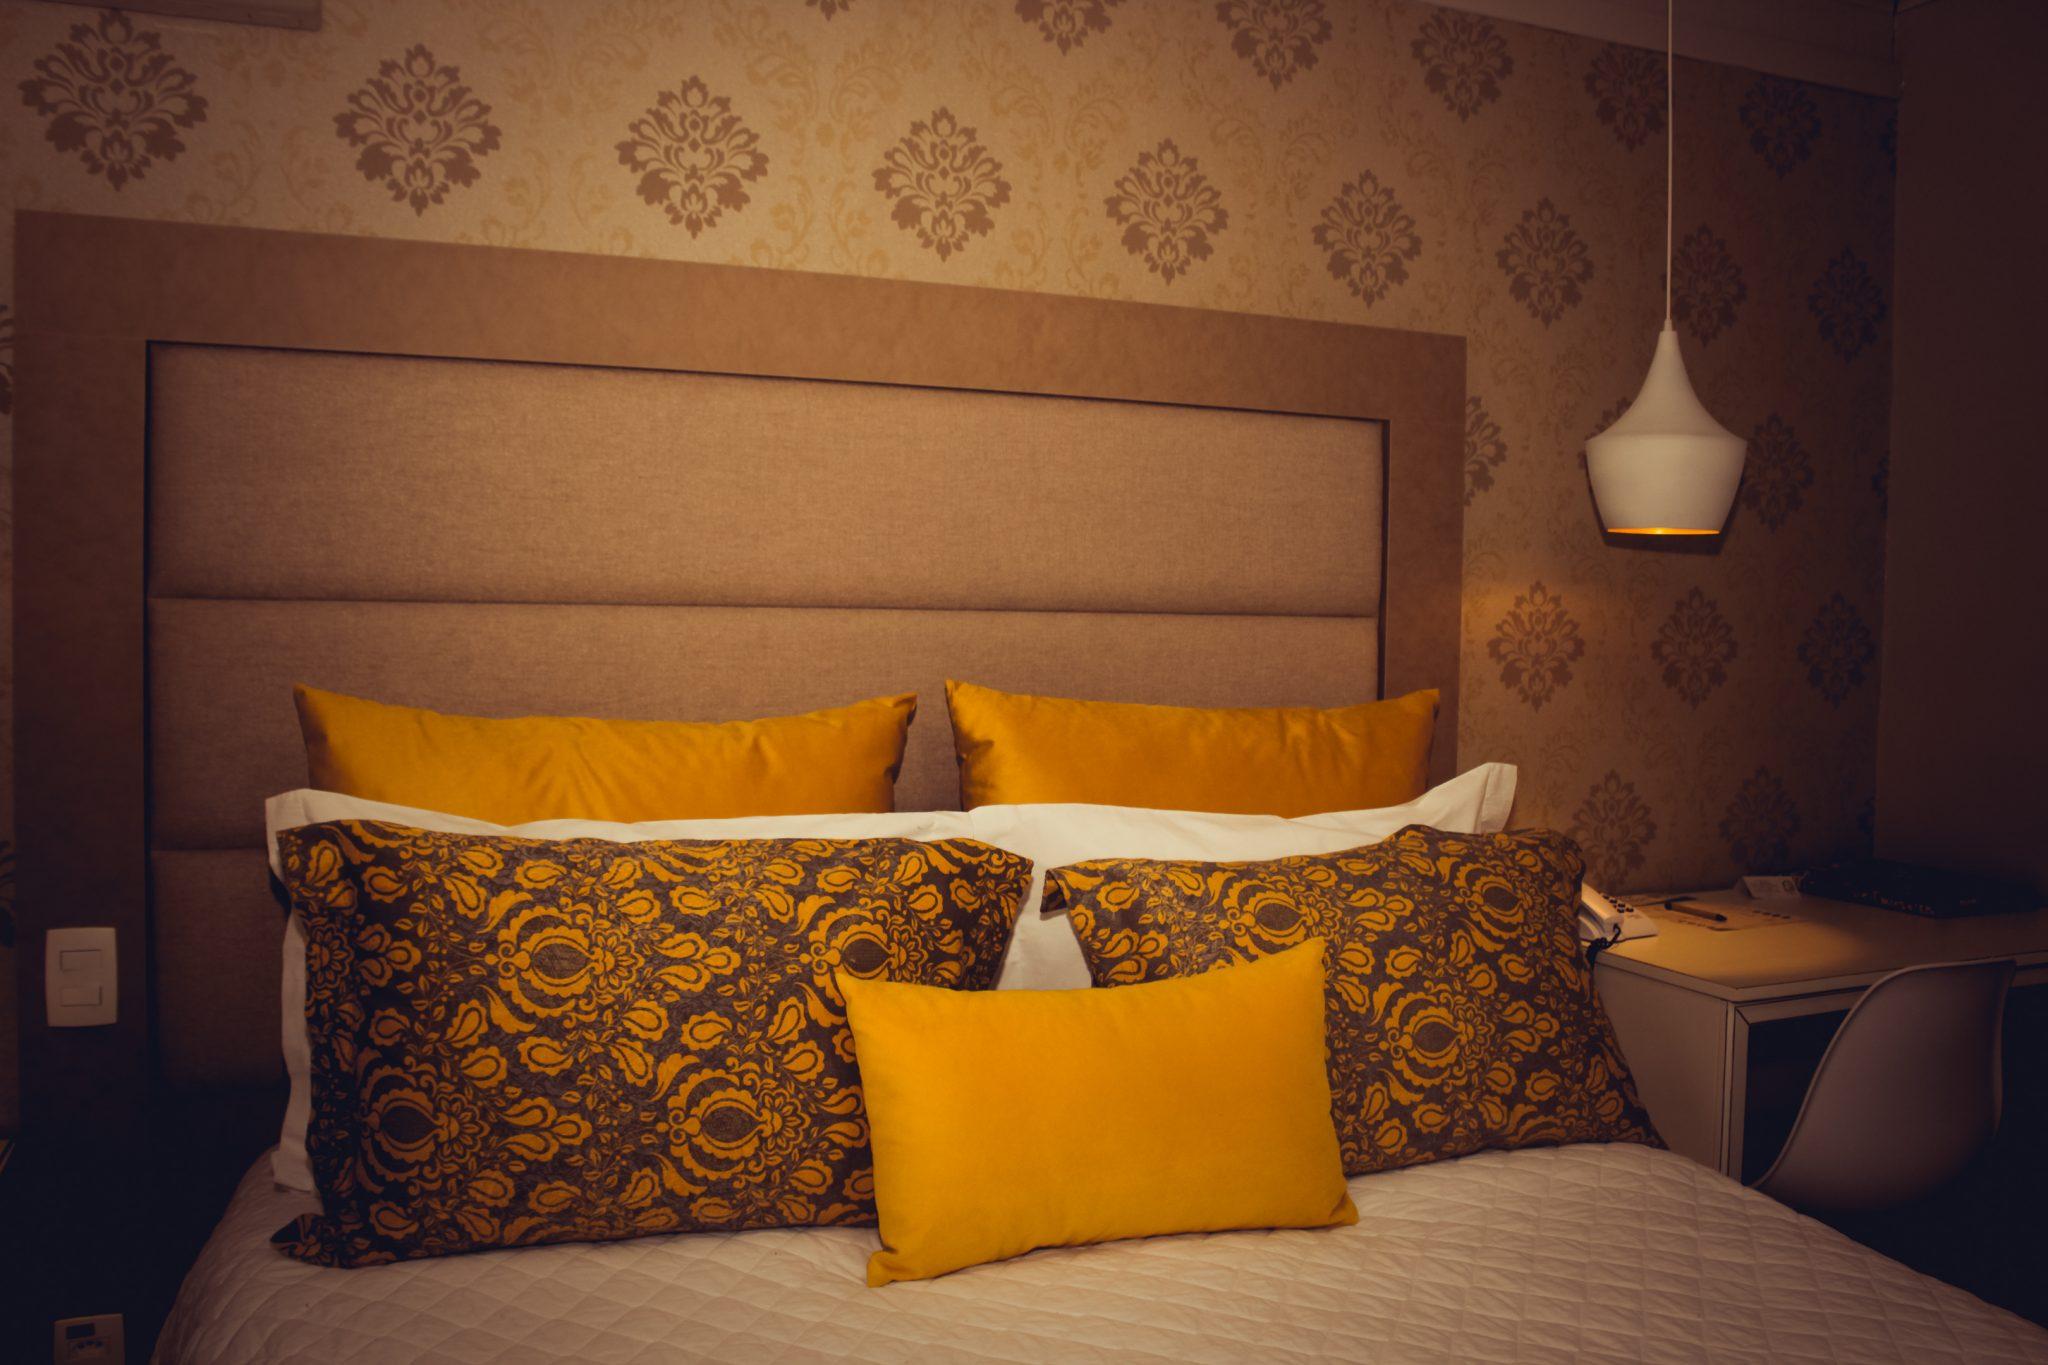 Foto: Natassia Truz Moraes no Hotel Bangalôs da Serra de Gramado - Serra Gaúcha